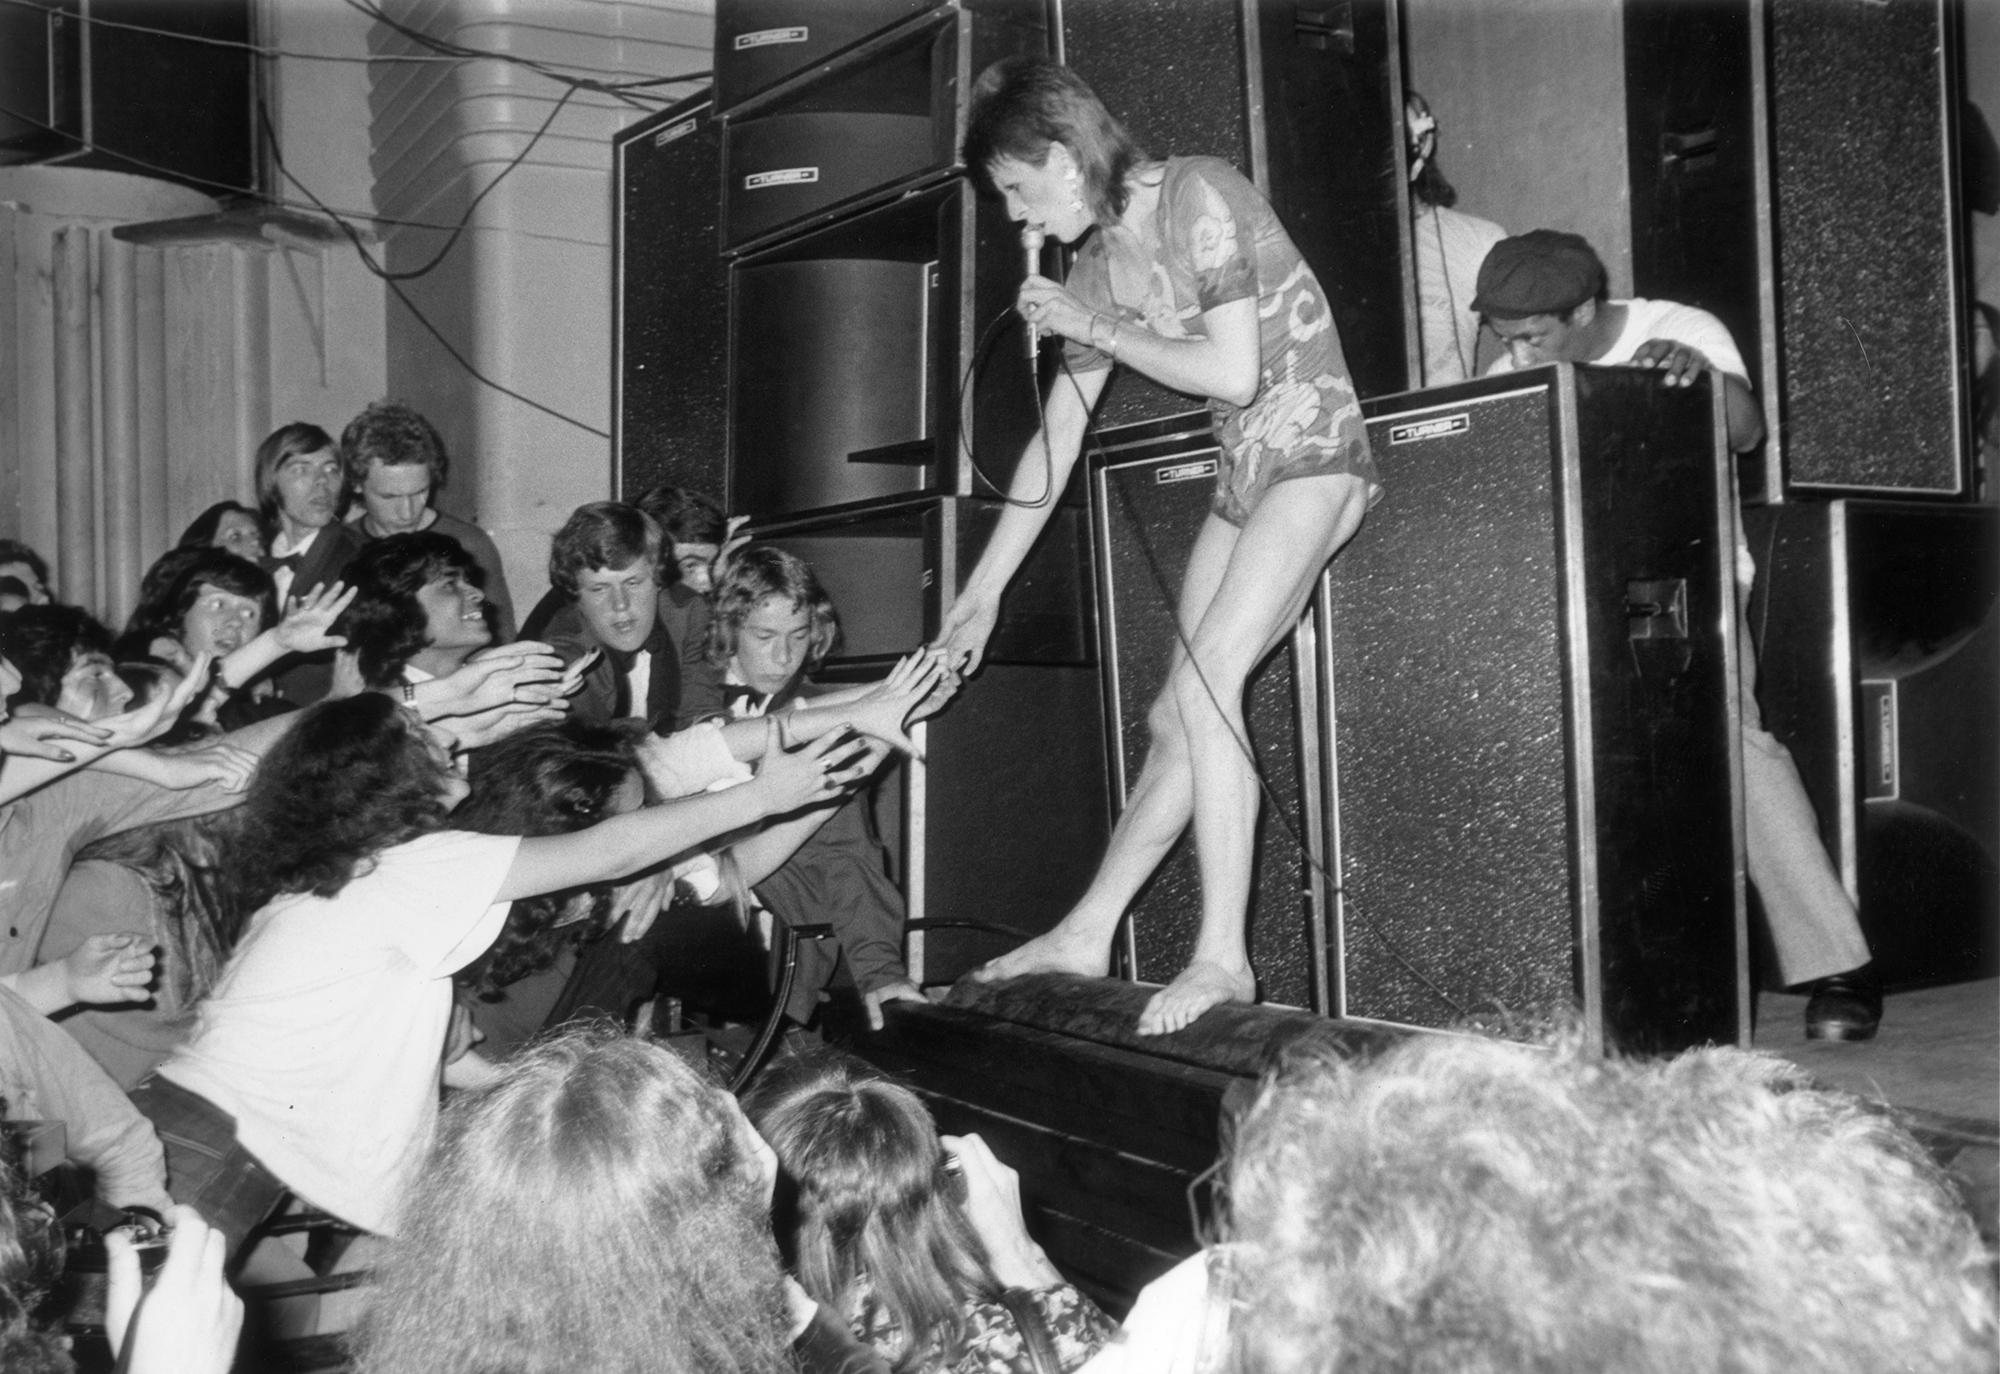 Encuentran el video de la primer aparición en la televisión de David Bowie como Ziggy Stardust